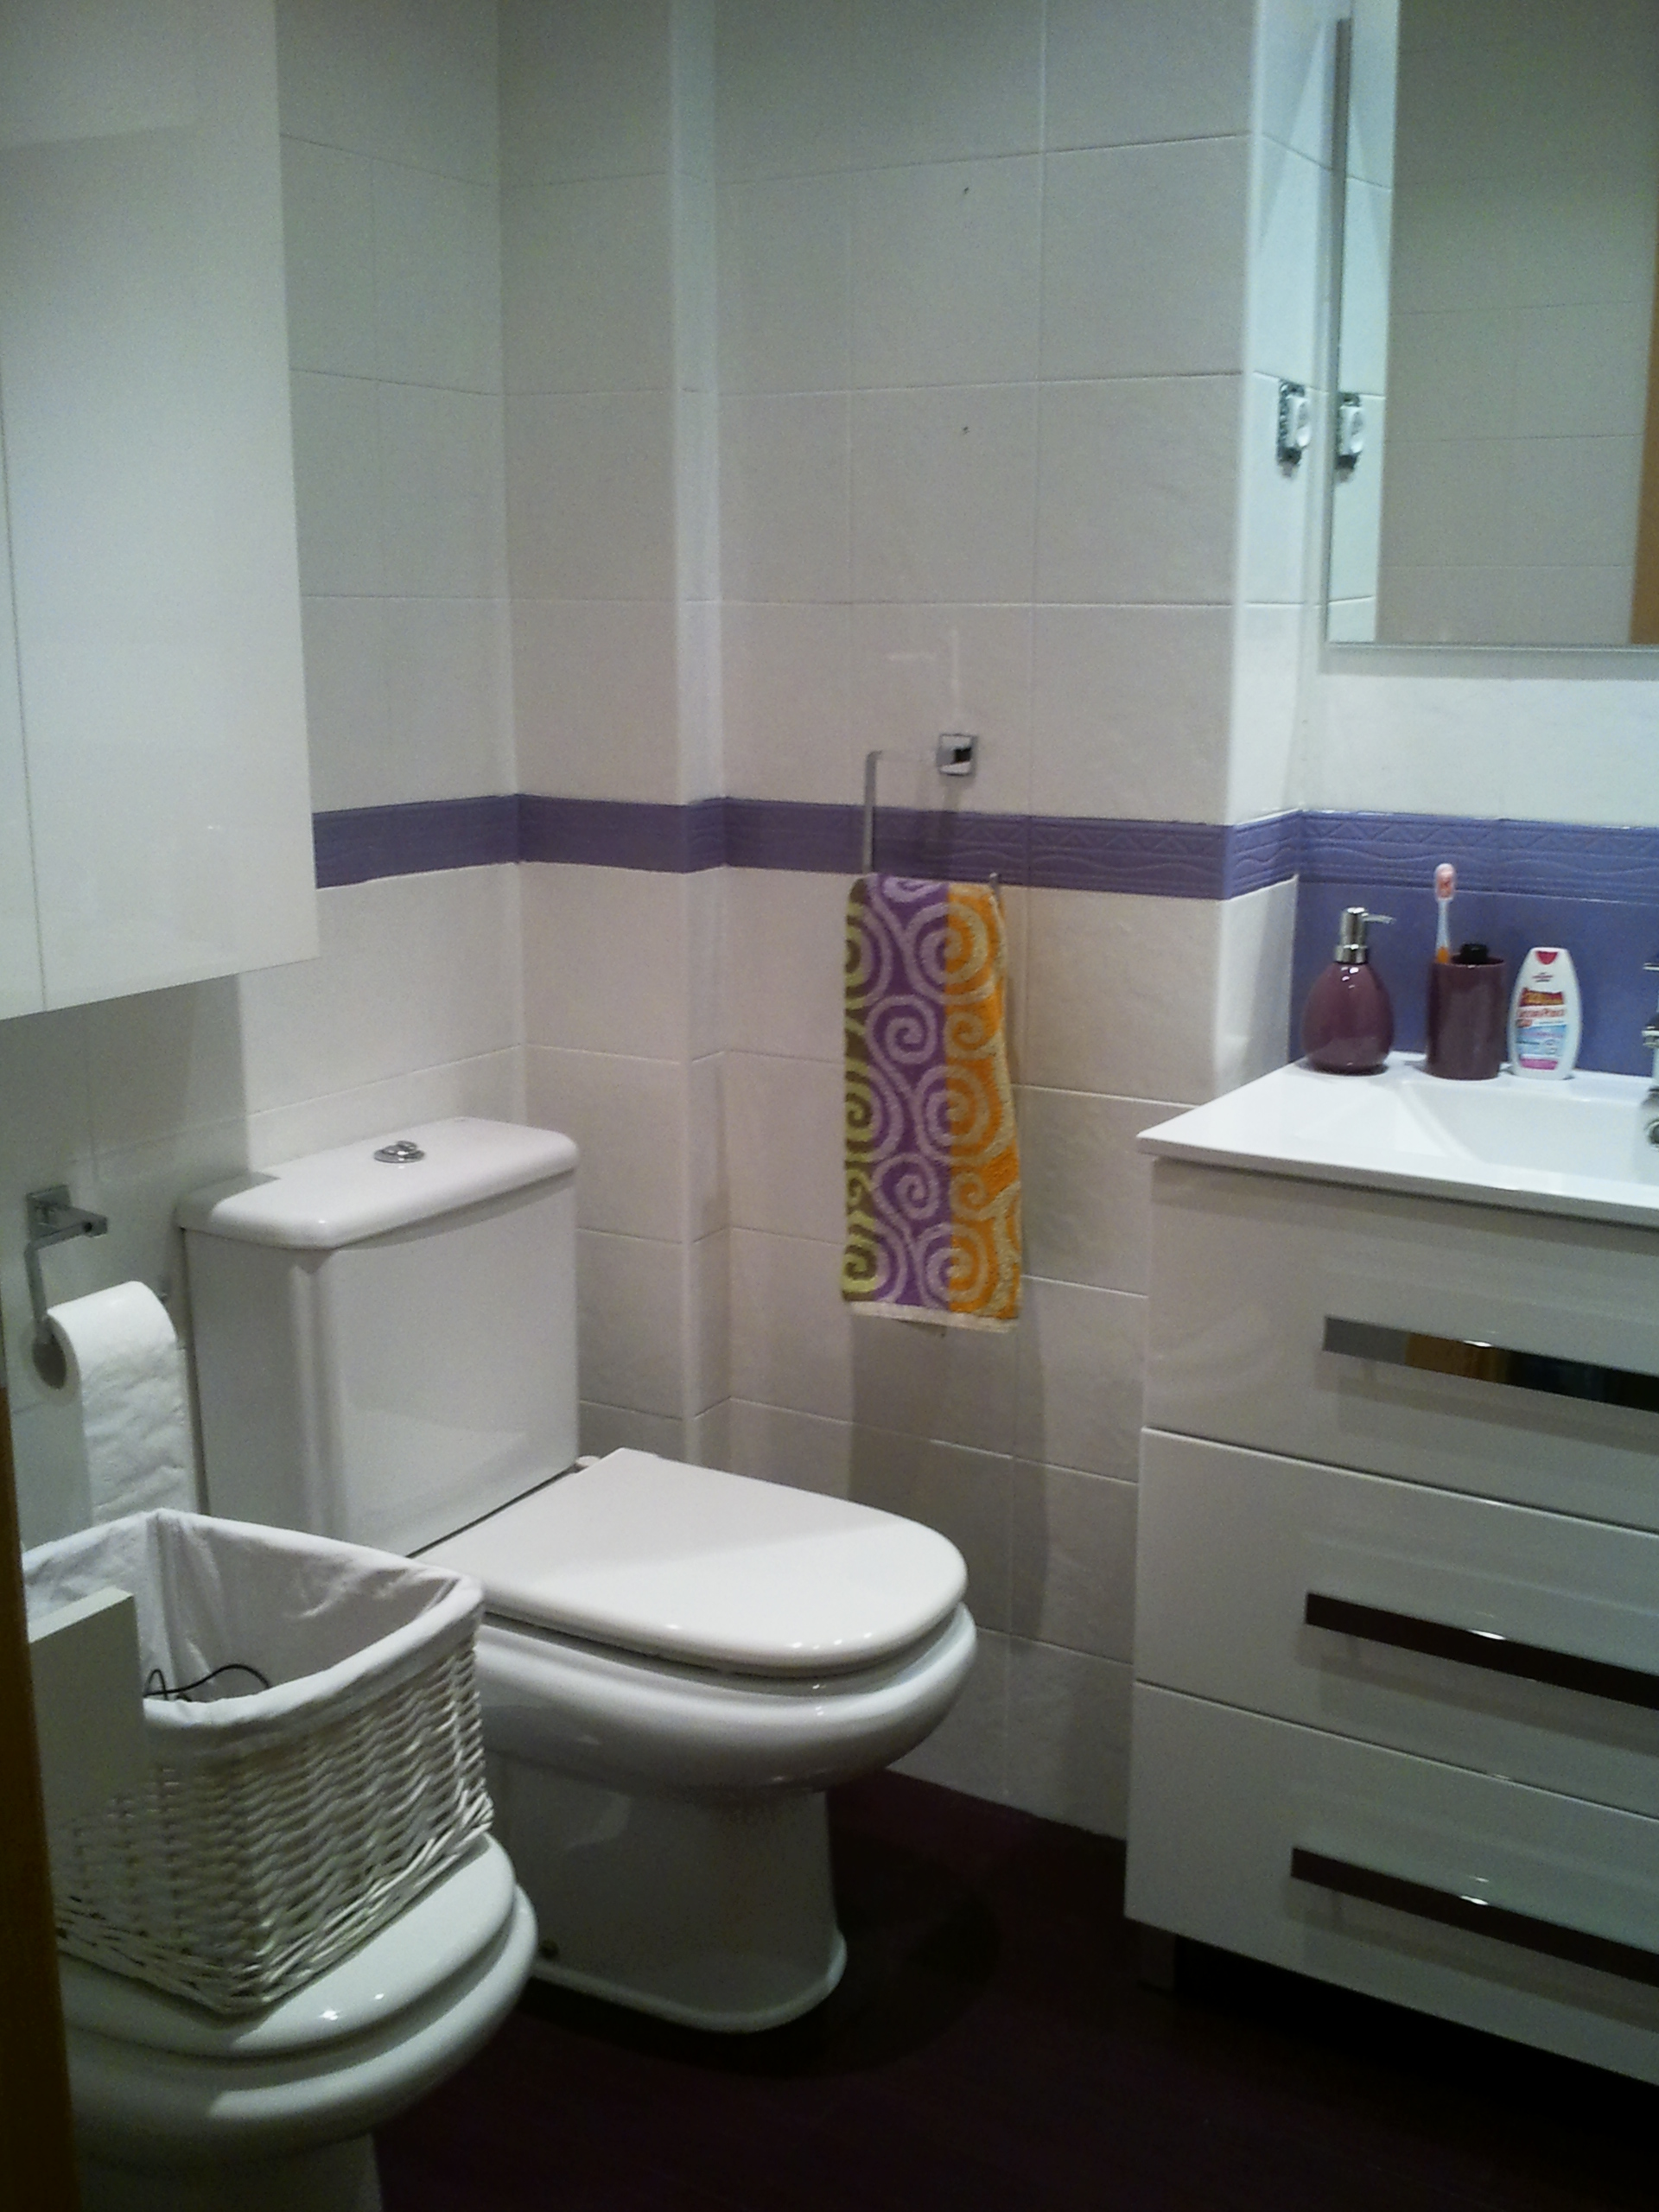 Decorar Baño Sin Obra:Obras en casa XI : Cómo reformar baño sin obra